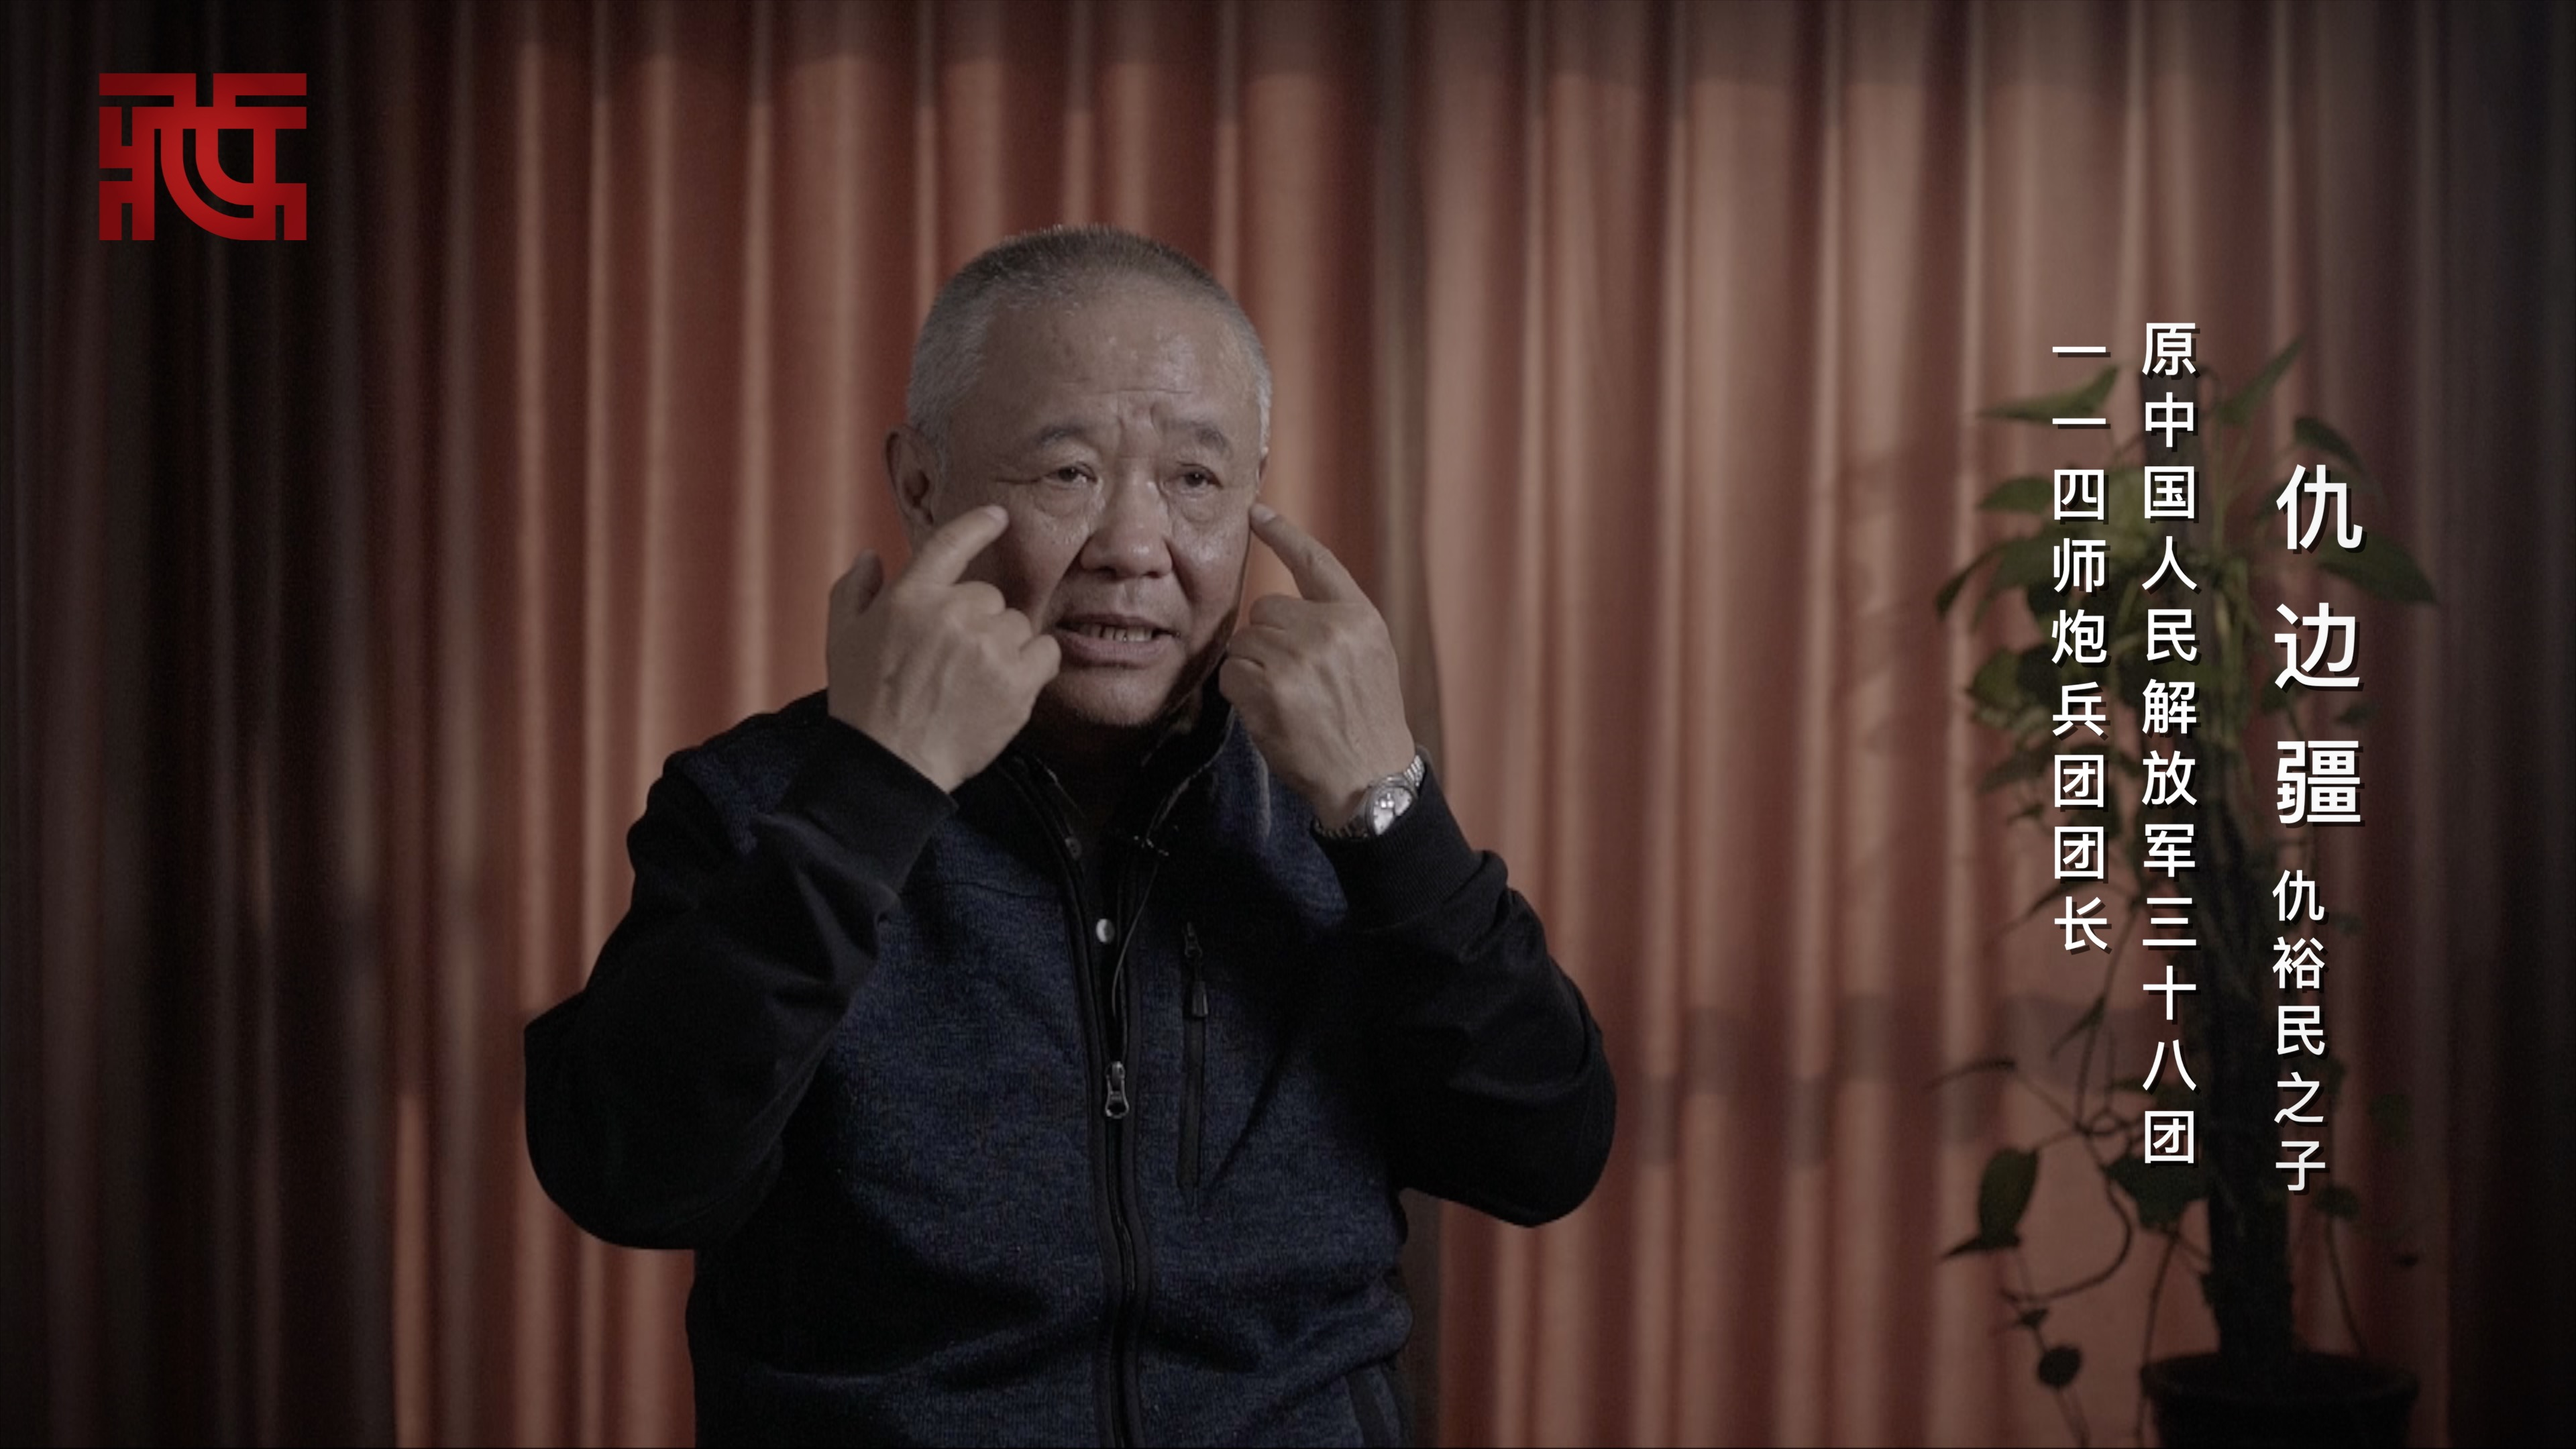 【十八军进藏 风雪征程忆当年】仇边疆:我父母的爱情